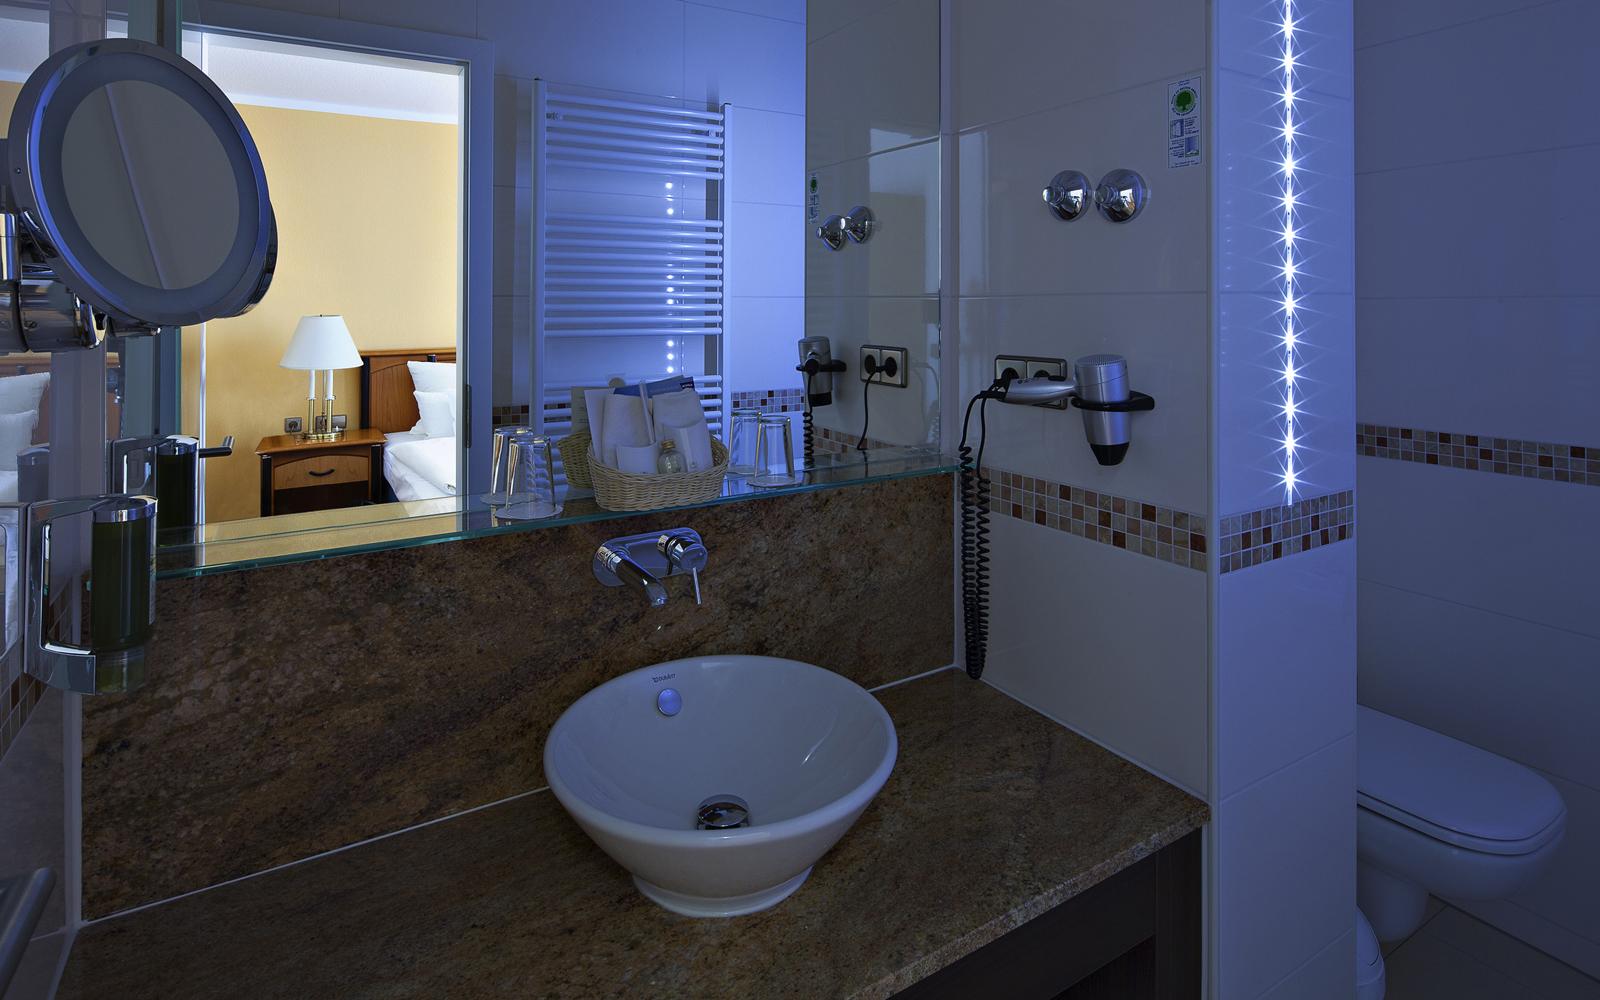 Amt f r umbau von badezimmern - Badezimmer umbau ideen ...